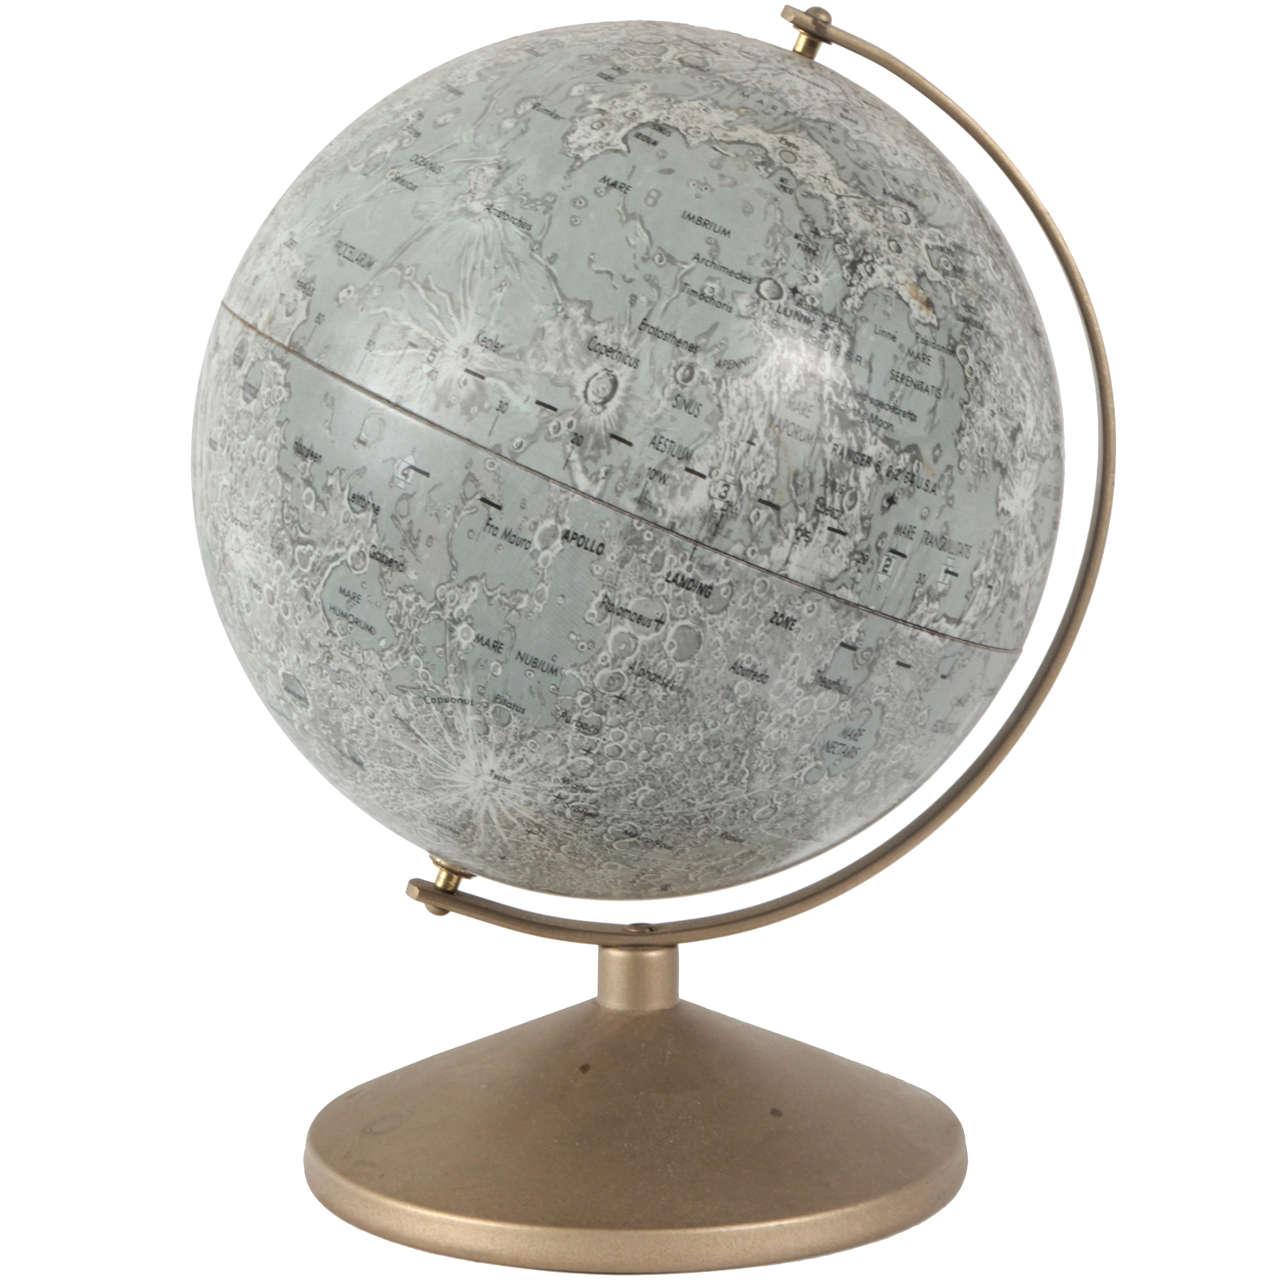 Moon Globe by Reploglobe 1